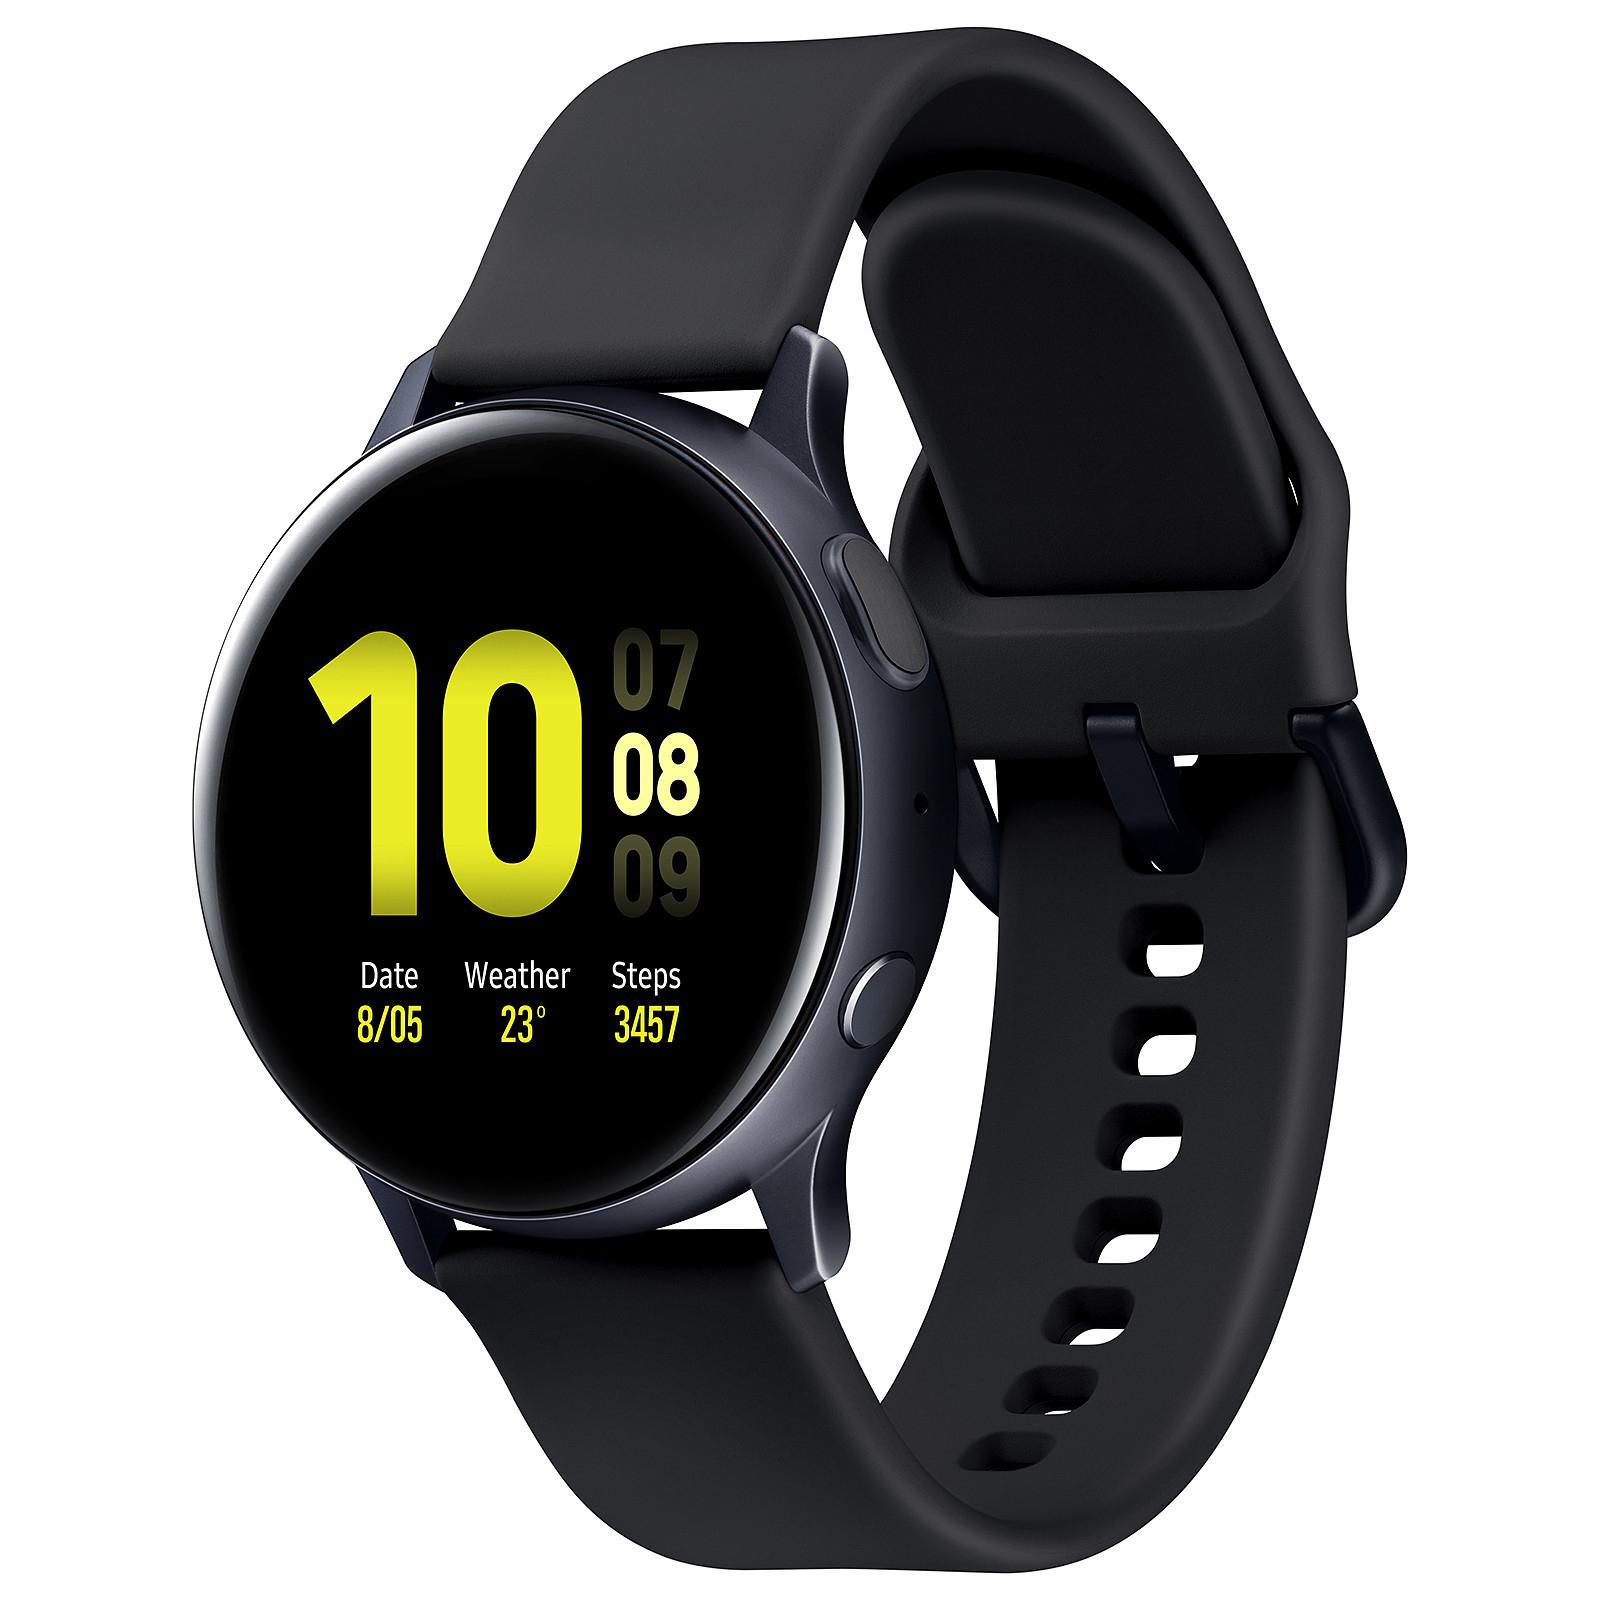 Montre connectée Samsung Galaxy Watch Active 2 - 44 mm, bracelet Sport, noir (vendeur tiers)